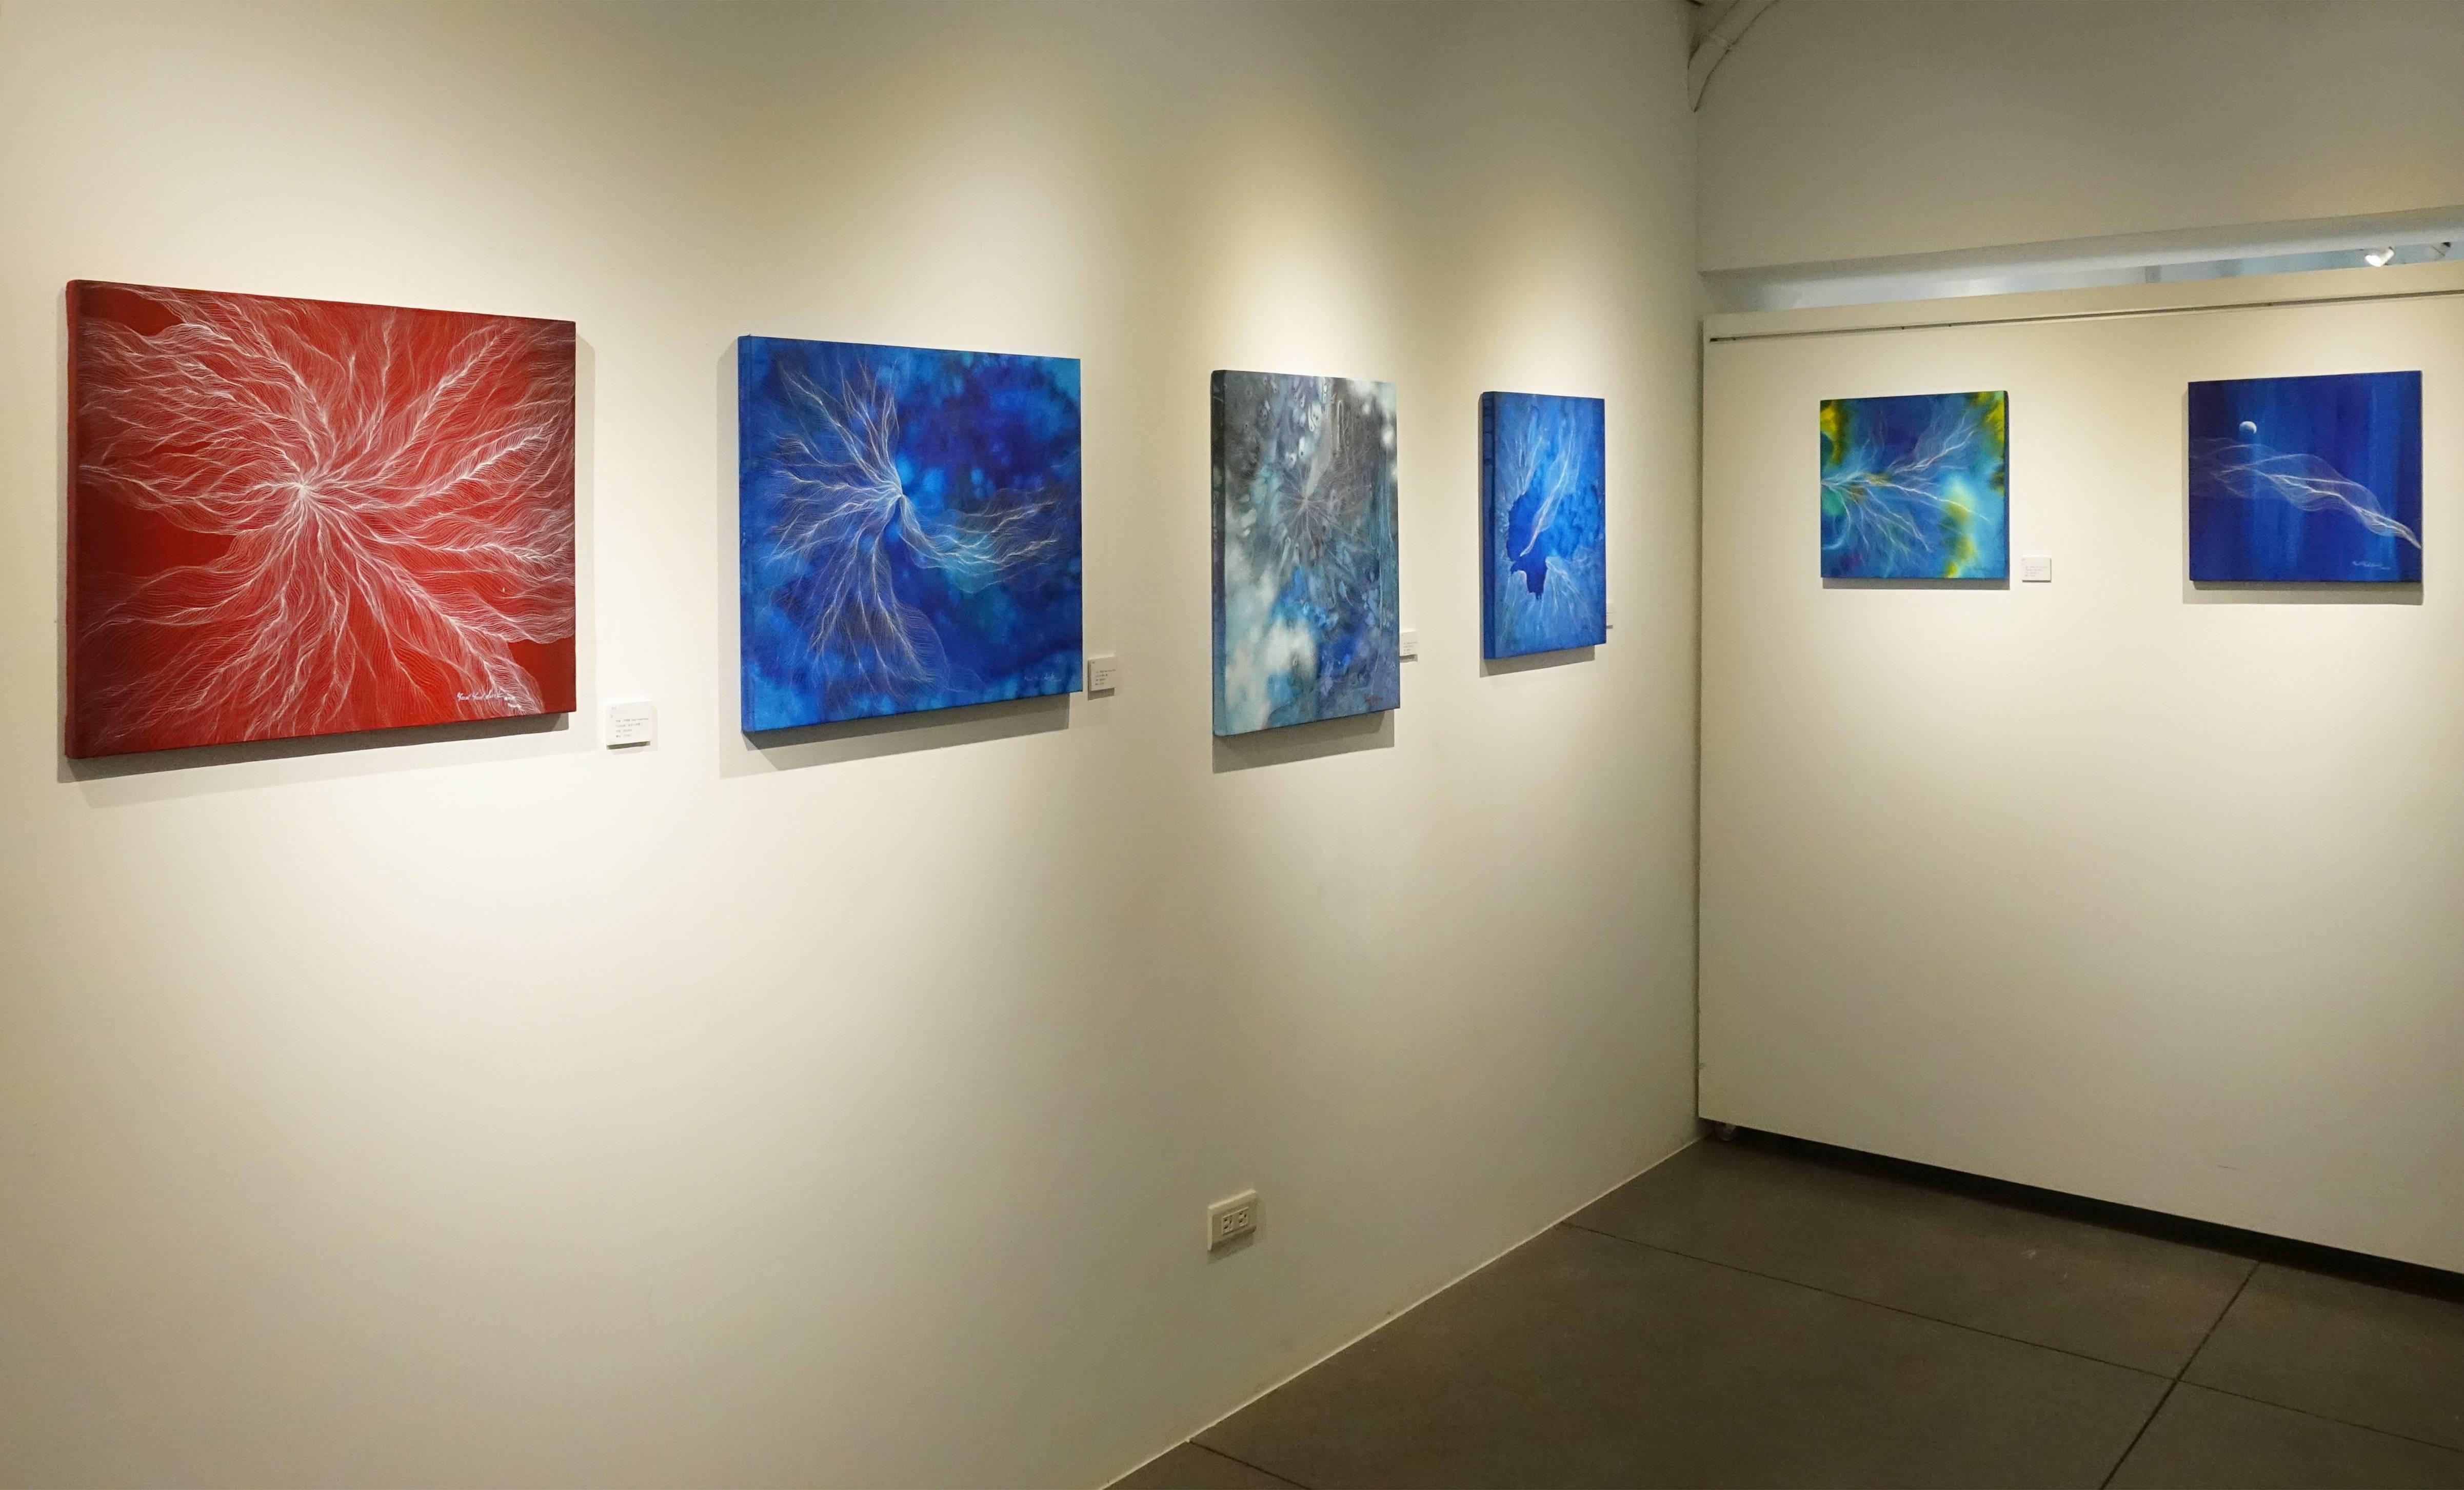 尹潤德Yoon yoon duck平面繪畫作品系列。